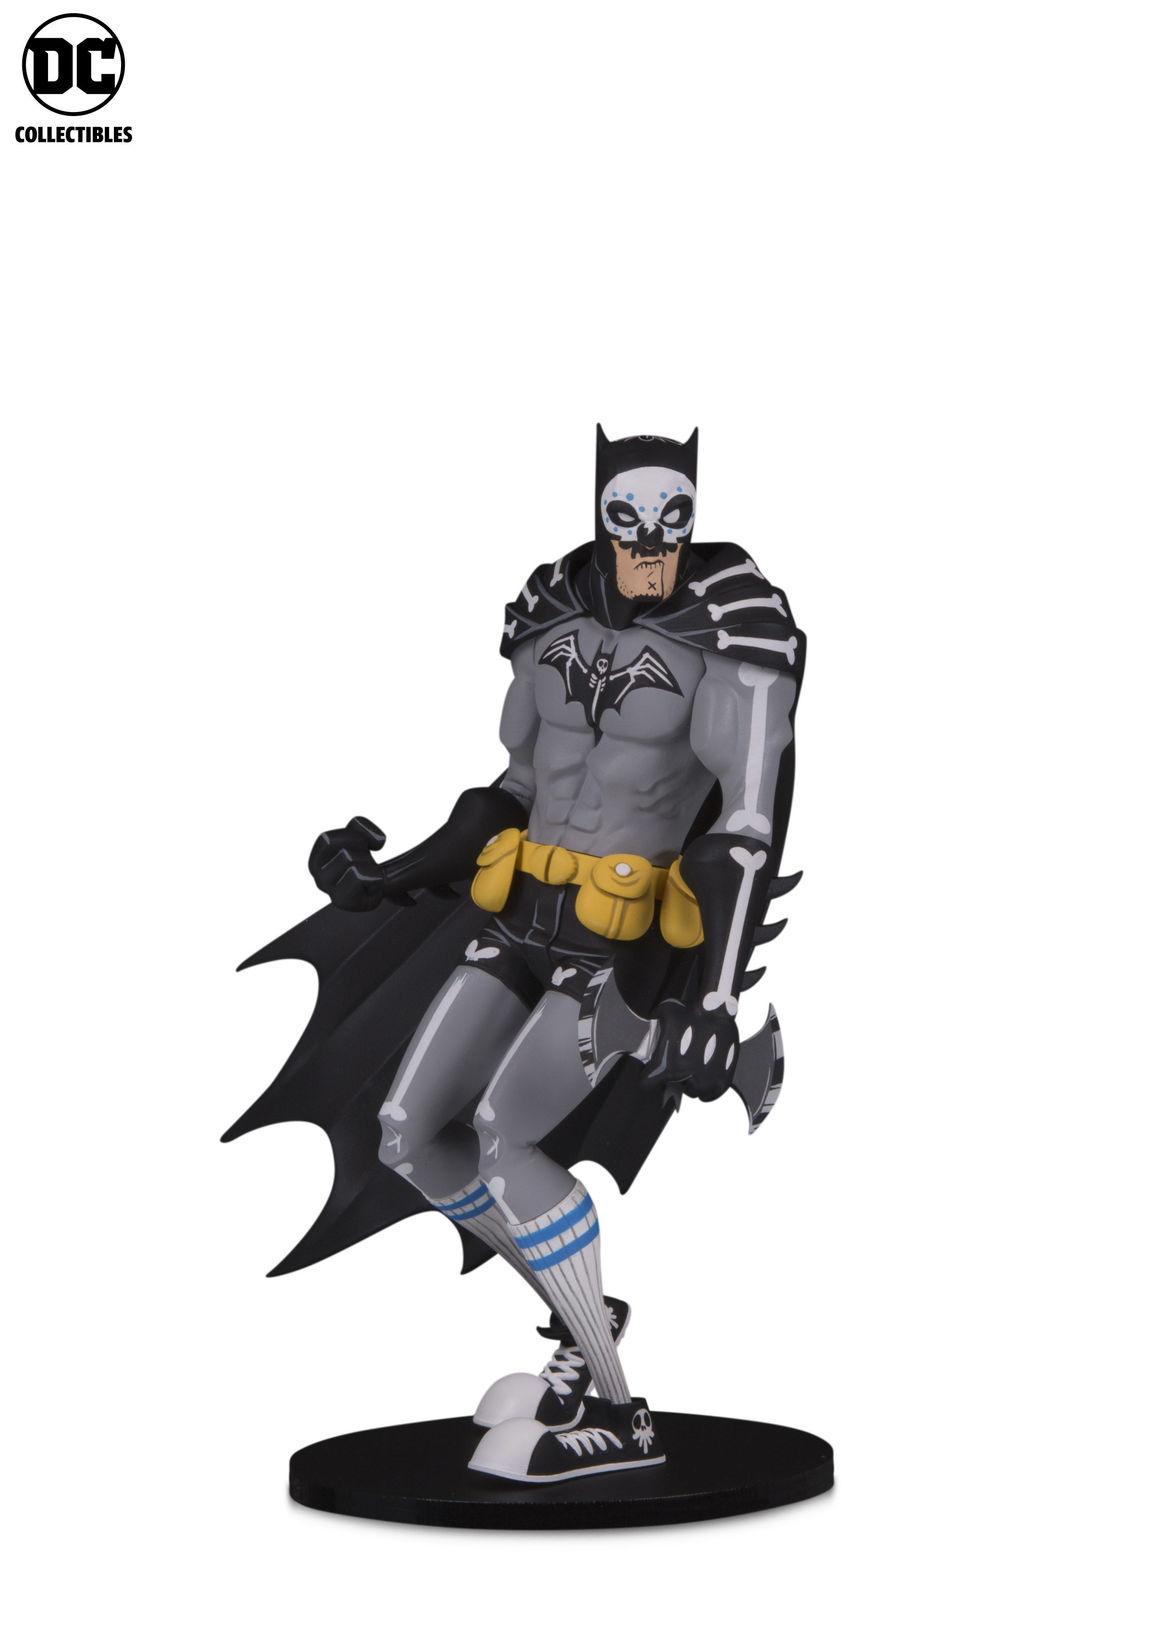 DC_AA_nooligan_Batman_DoD_v1 copy